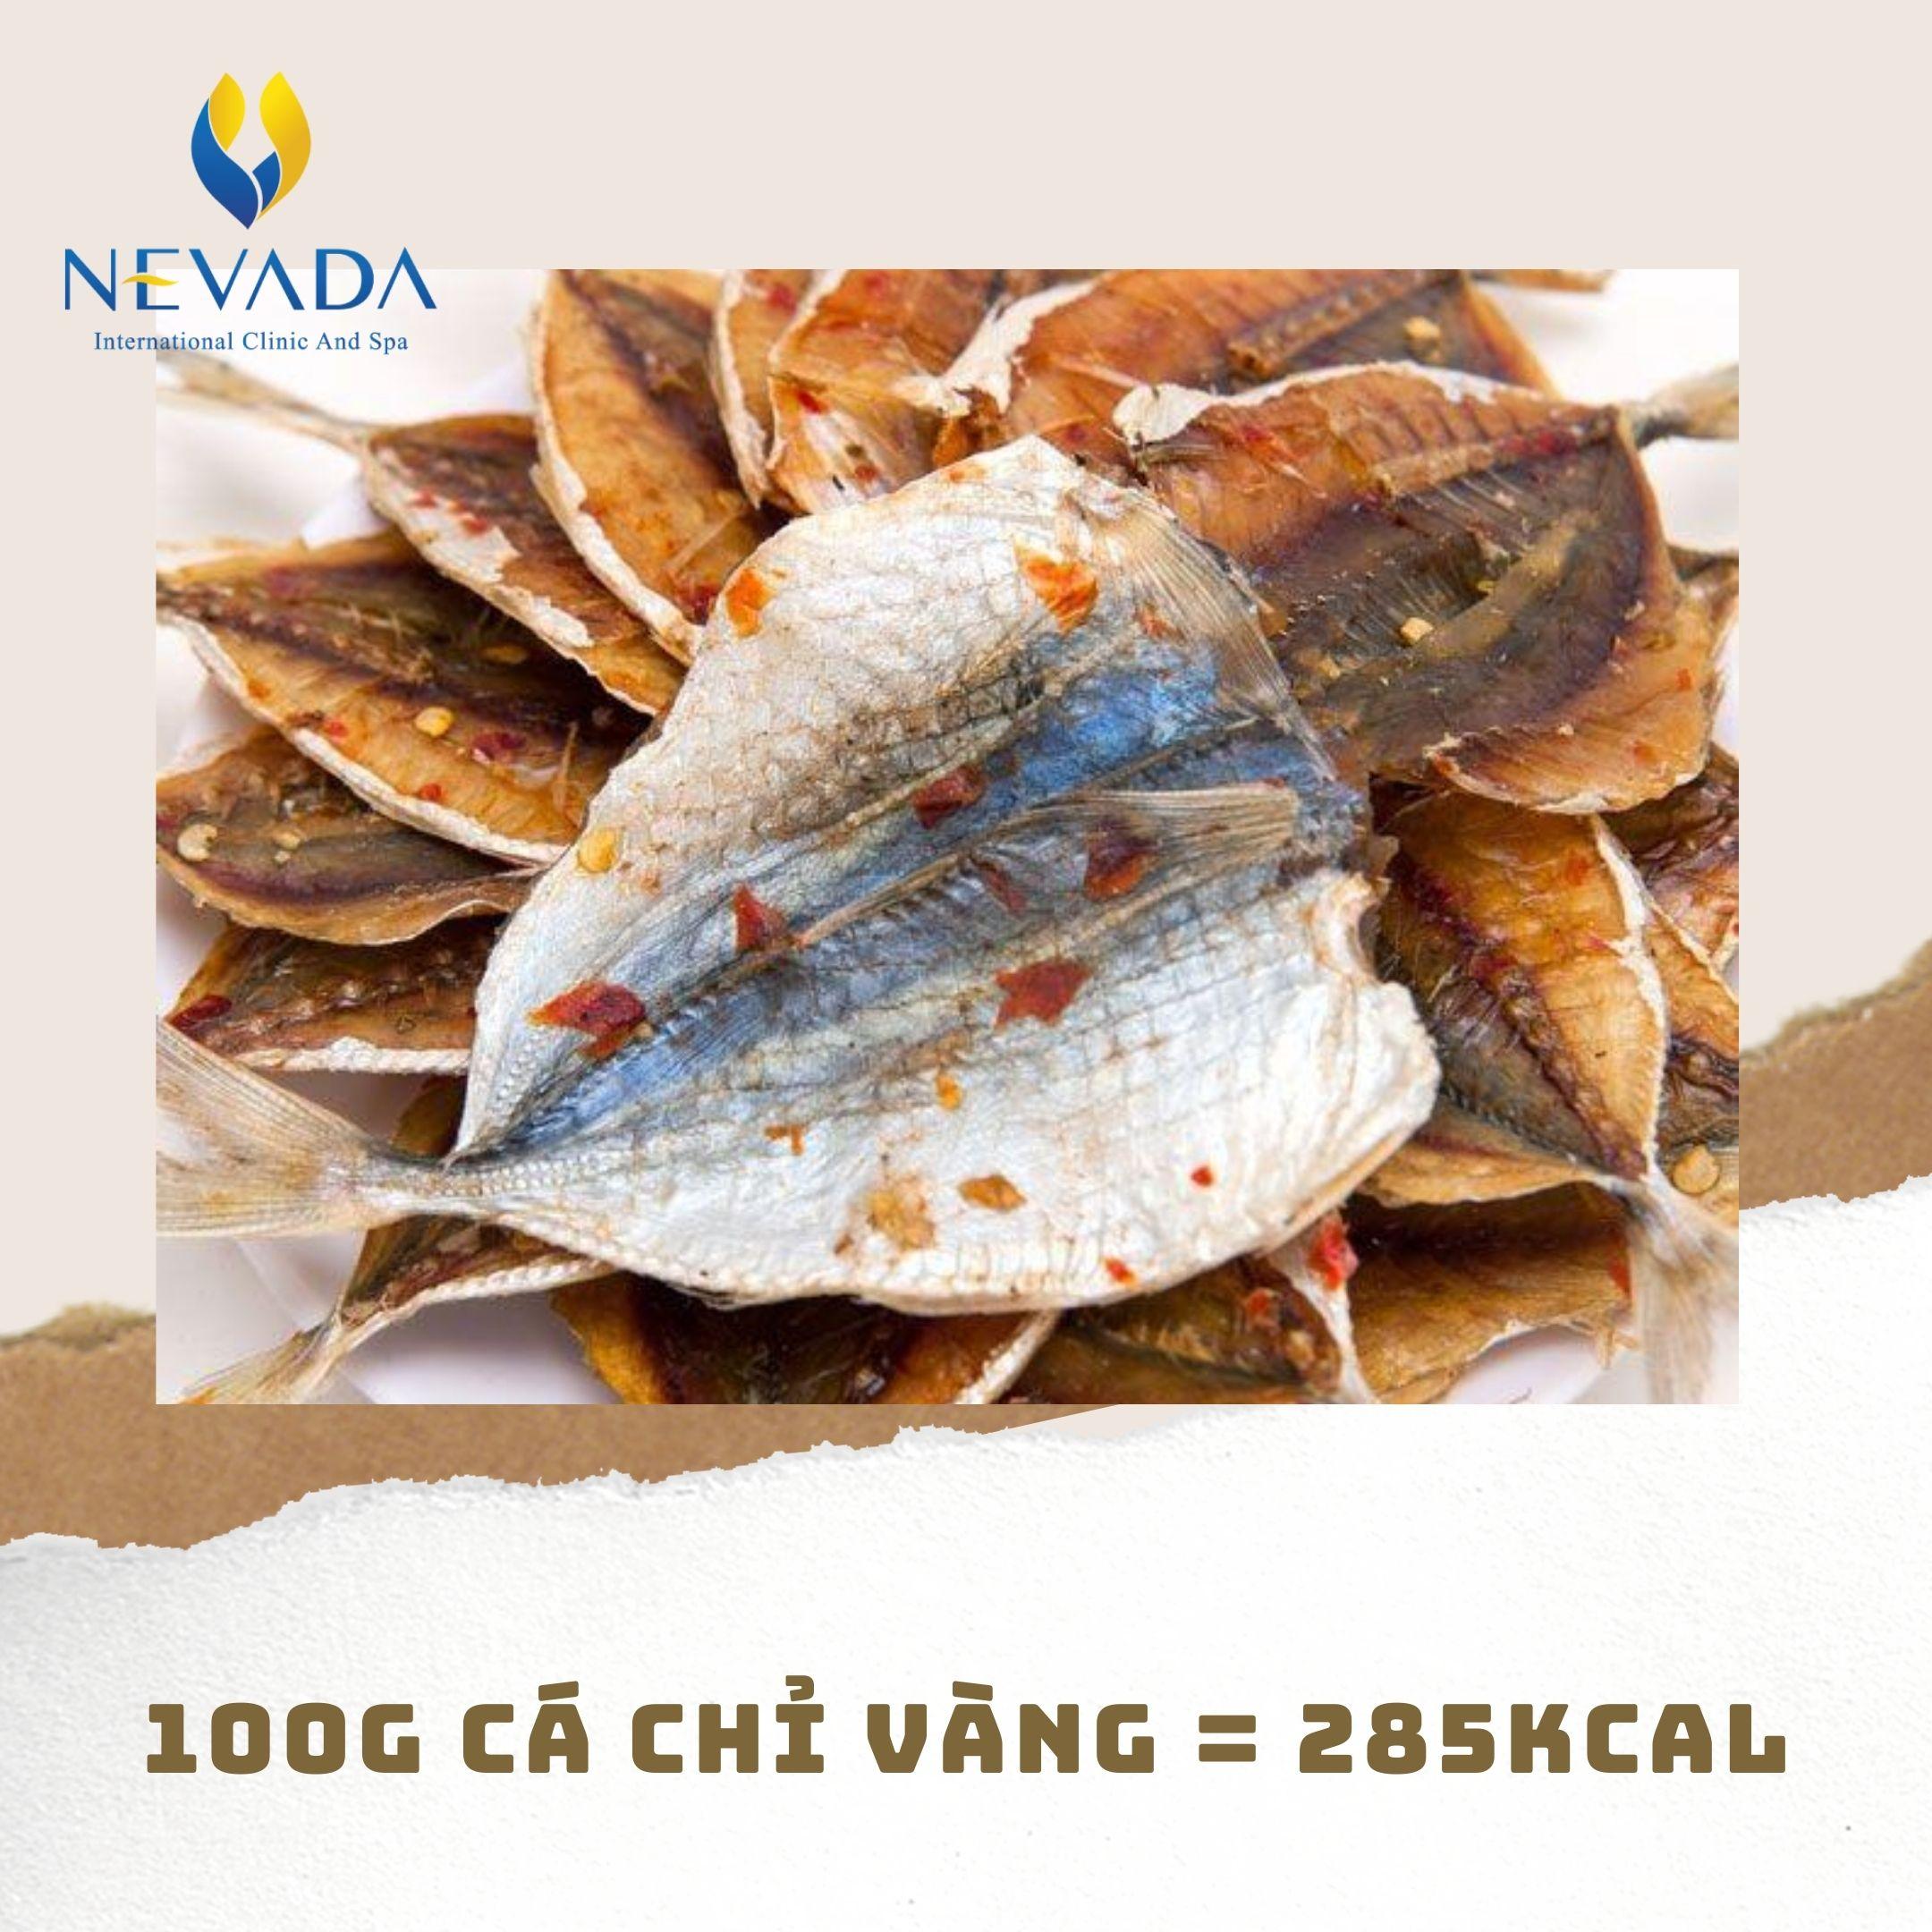 ăn cá khô có béo không, cá khô bao nhiêu calo, cá khô chiên bao nhiêu calo, cá chỉ vàng khô bao nhiêu calo, cá khô có bao nhiêu calo, 100g cá khô bao nhiêu calo, cá khô chứa bao nhiêu calo, ăn cá chỉ vàng khô có béo không, cá chỉ vàng bao nhiêu calo, ăn khô cá có mập không, 100g cá chỉ vàng khô bao nhiều calo, khô cá lóc bao nhiêu calo, khô cá bao nhiêu calo, ăn cá kho có béo không, 100g cá chỉ vàng khô bảo nhiều calo, khô cá dứa bao nhiêu calo, cá chỉ vàng nướng bao nhiêu calo, cá chỉ vàng chứa bao nhiều calo, ăn cá khô có mập không, calo trong cá khô, calo trong cá chỉ vàng